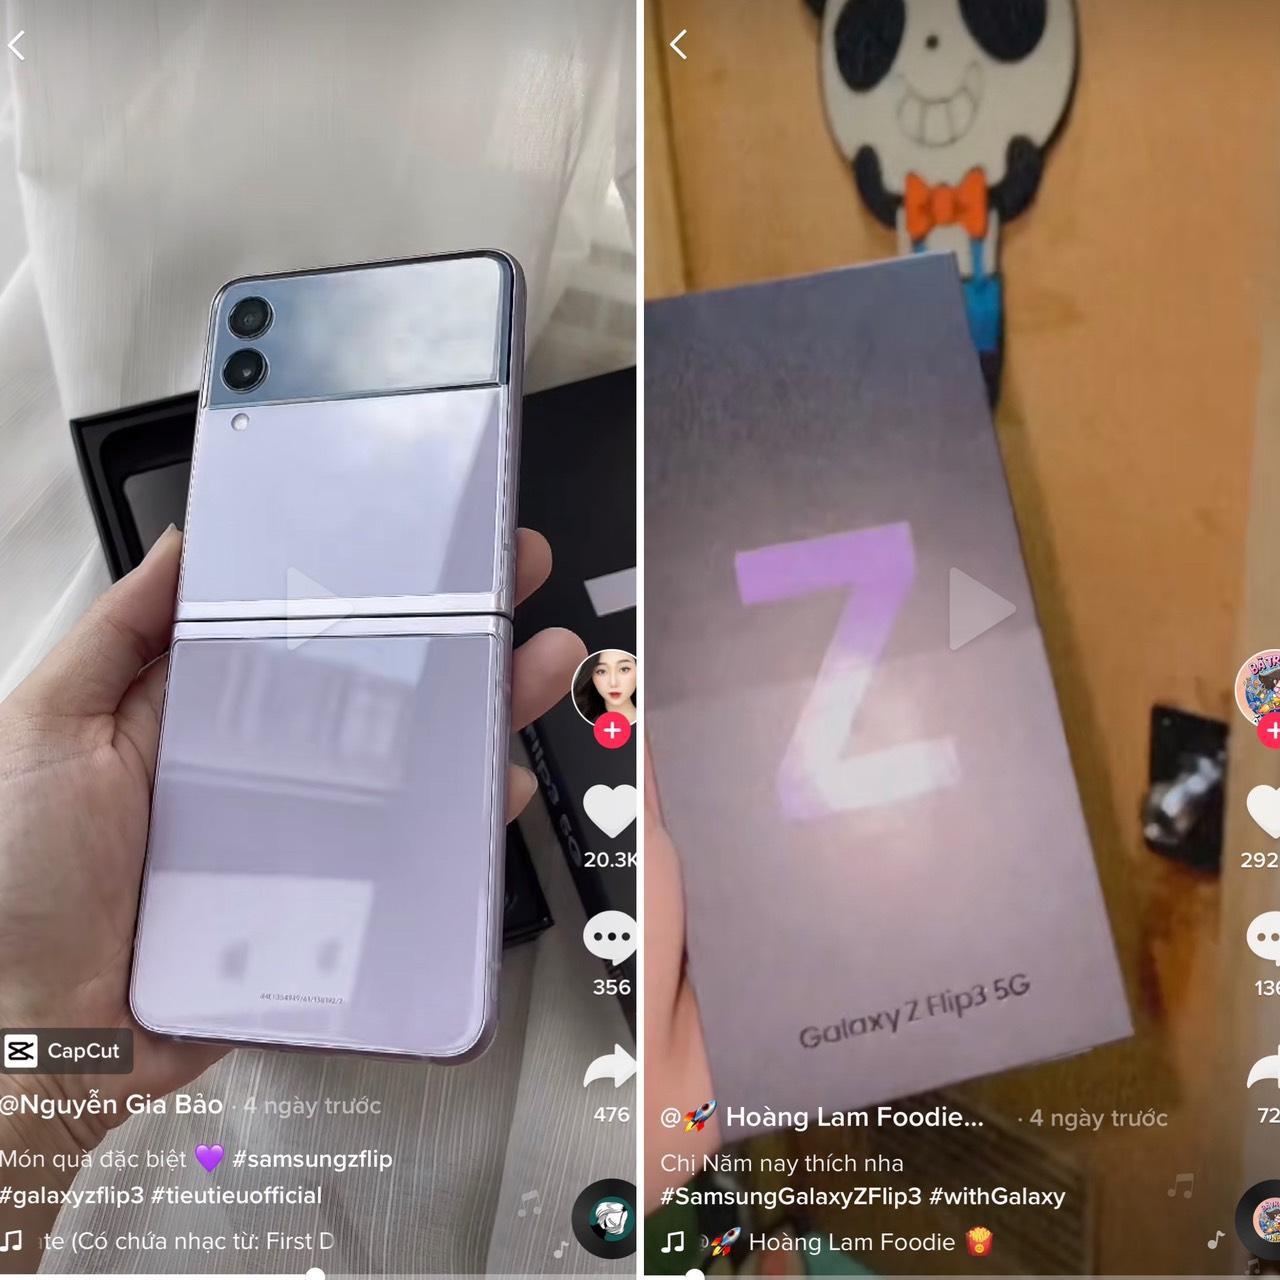 Niềm vui tràn ngập trên mạng xã hội nhờ hiệu ứng Galaxy Z Fold3 và Z Flip3 về tay - Ảnh 6.